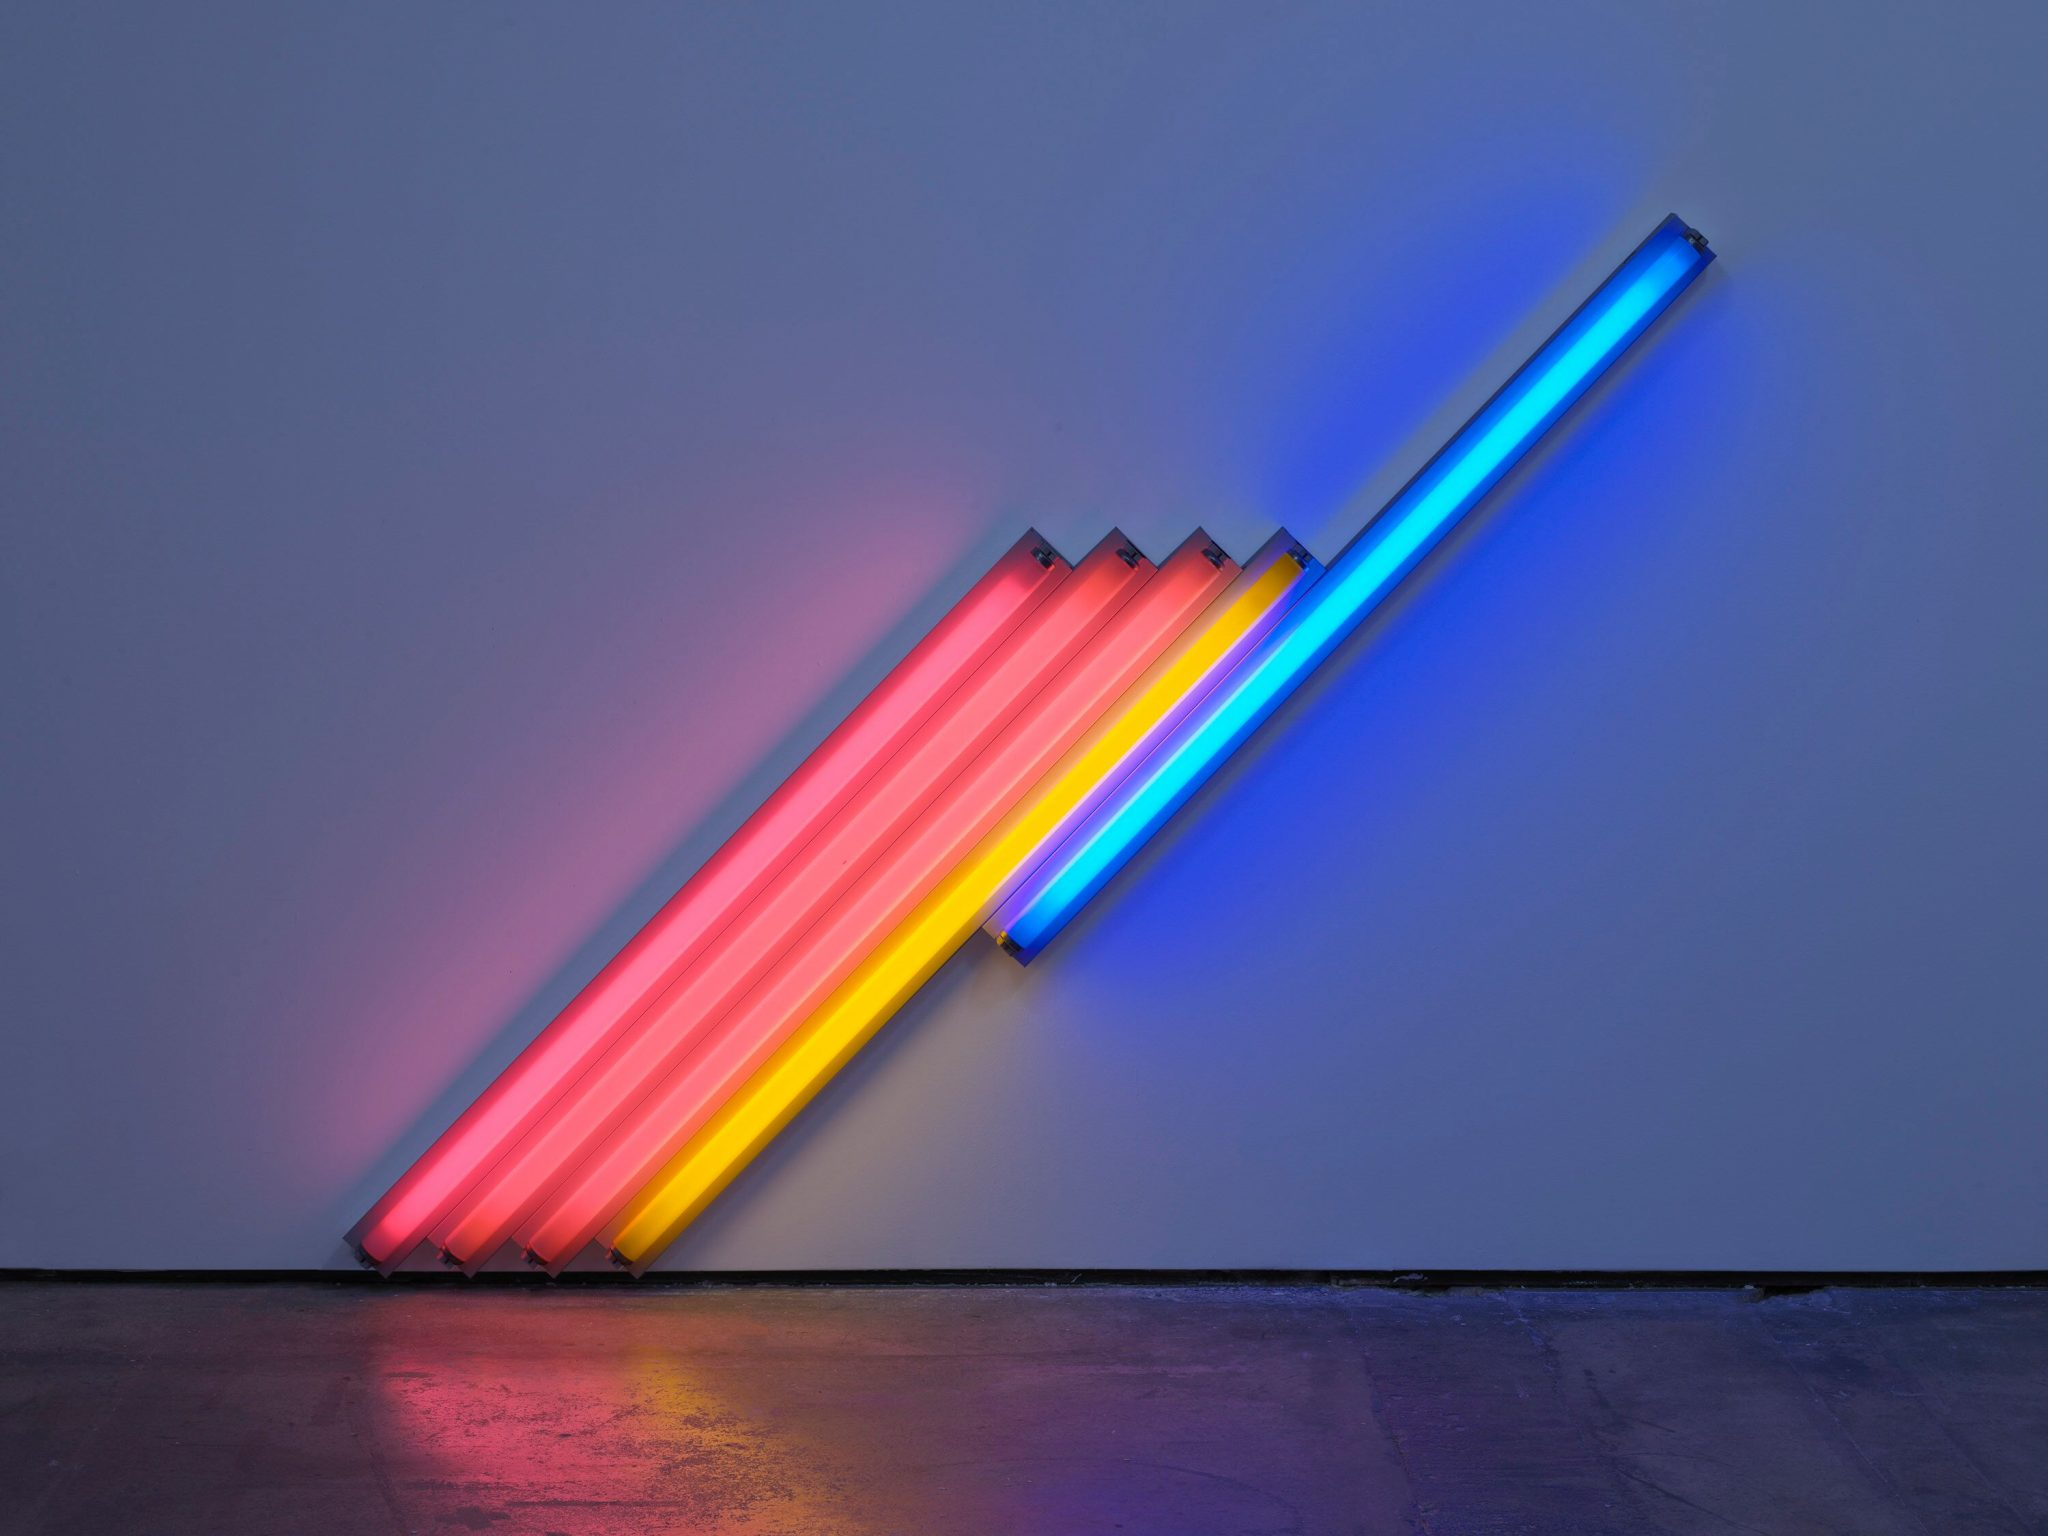 Colore, luce, spazio. Le opere fluorescenti di Dan Flavin, a Milano